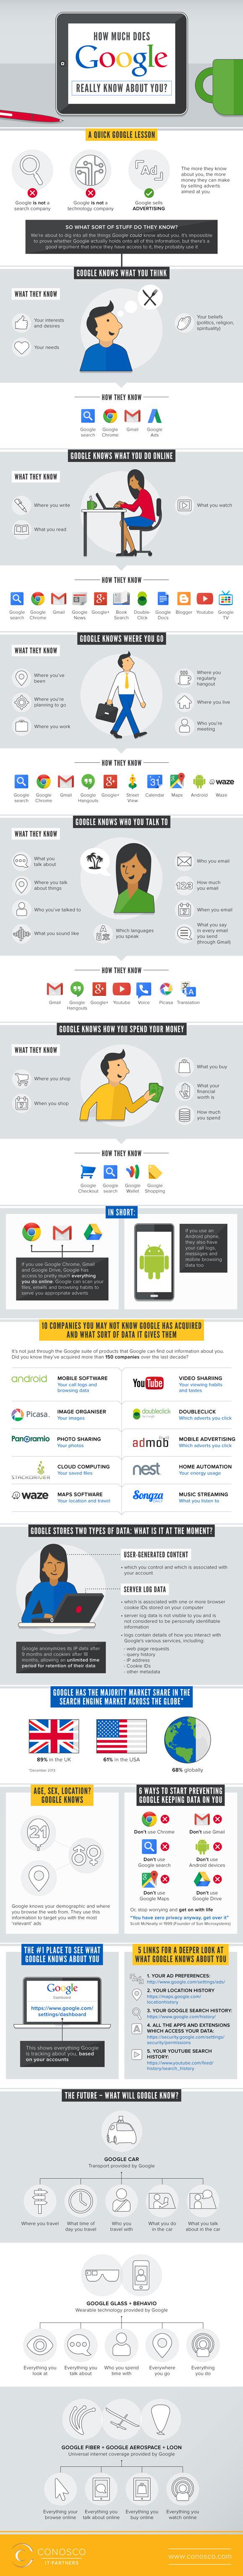 Infografía como Google sabe todo de nuestra vida online